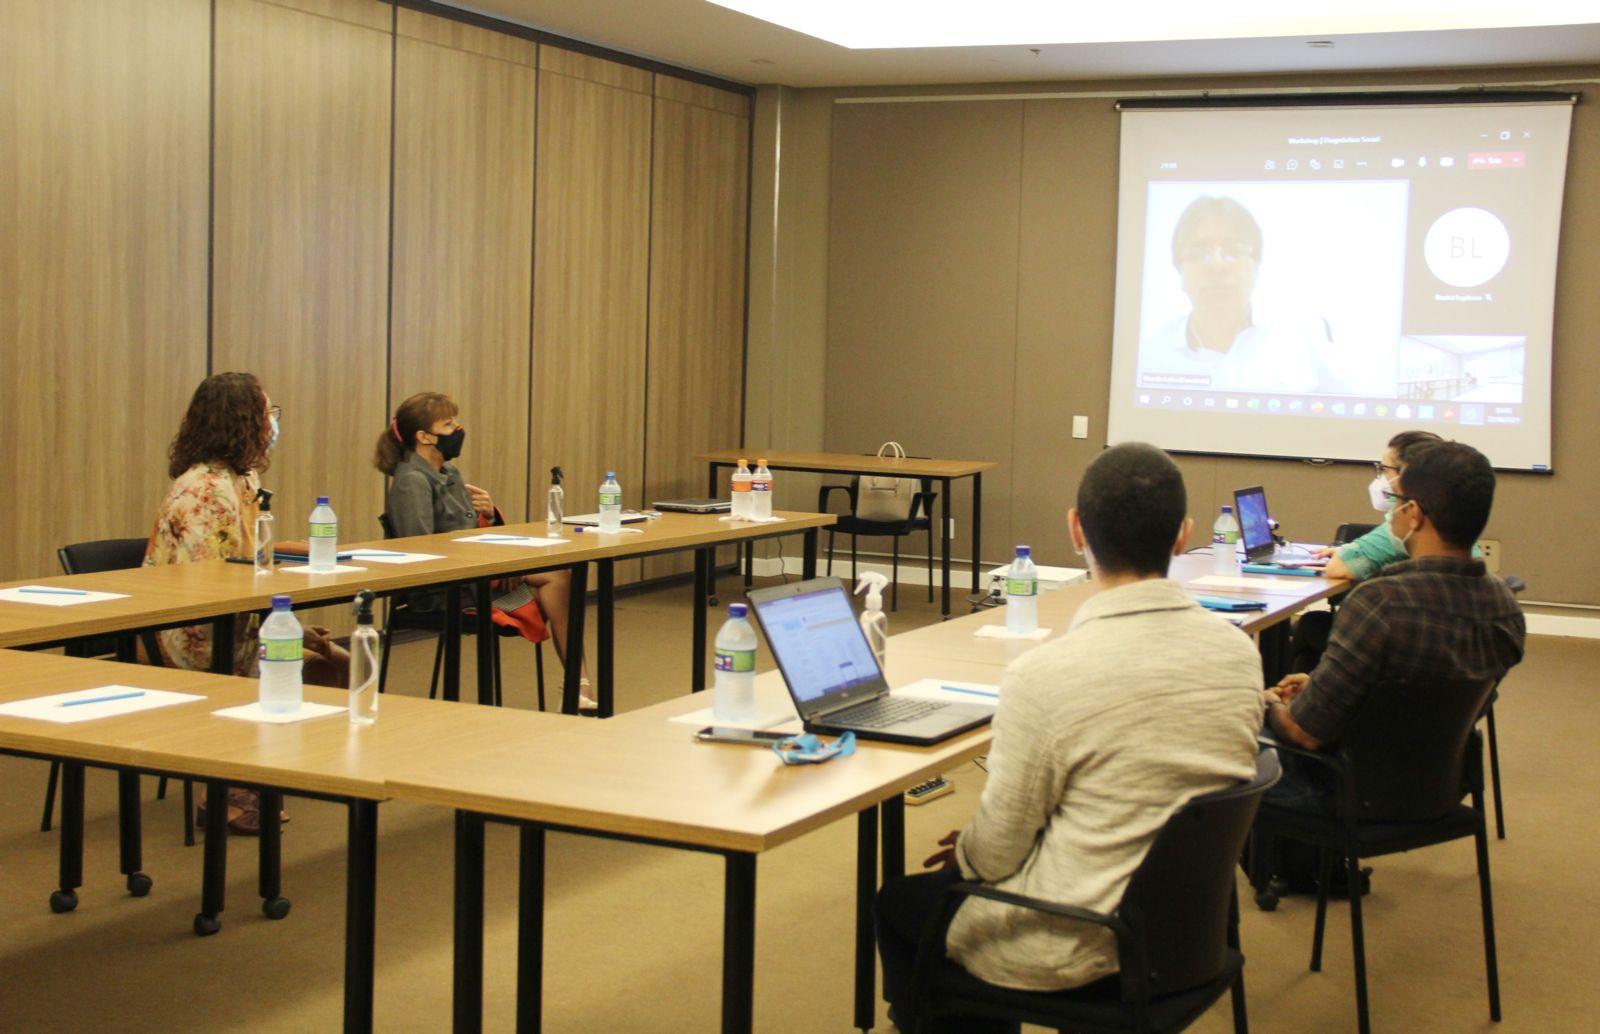 Um grupo de pessoas vê uma apresentação online.